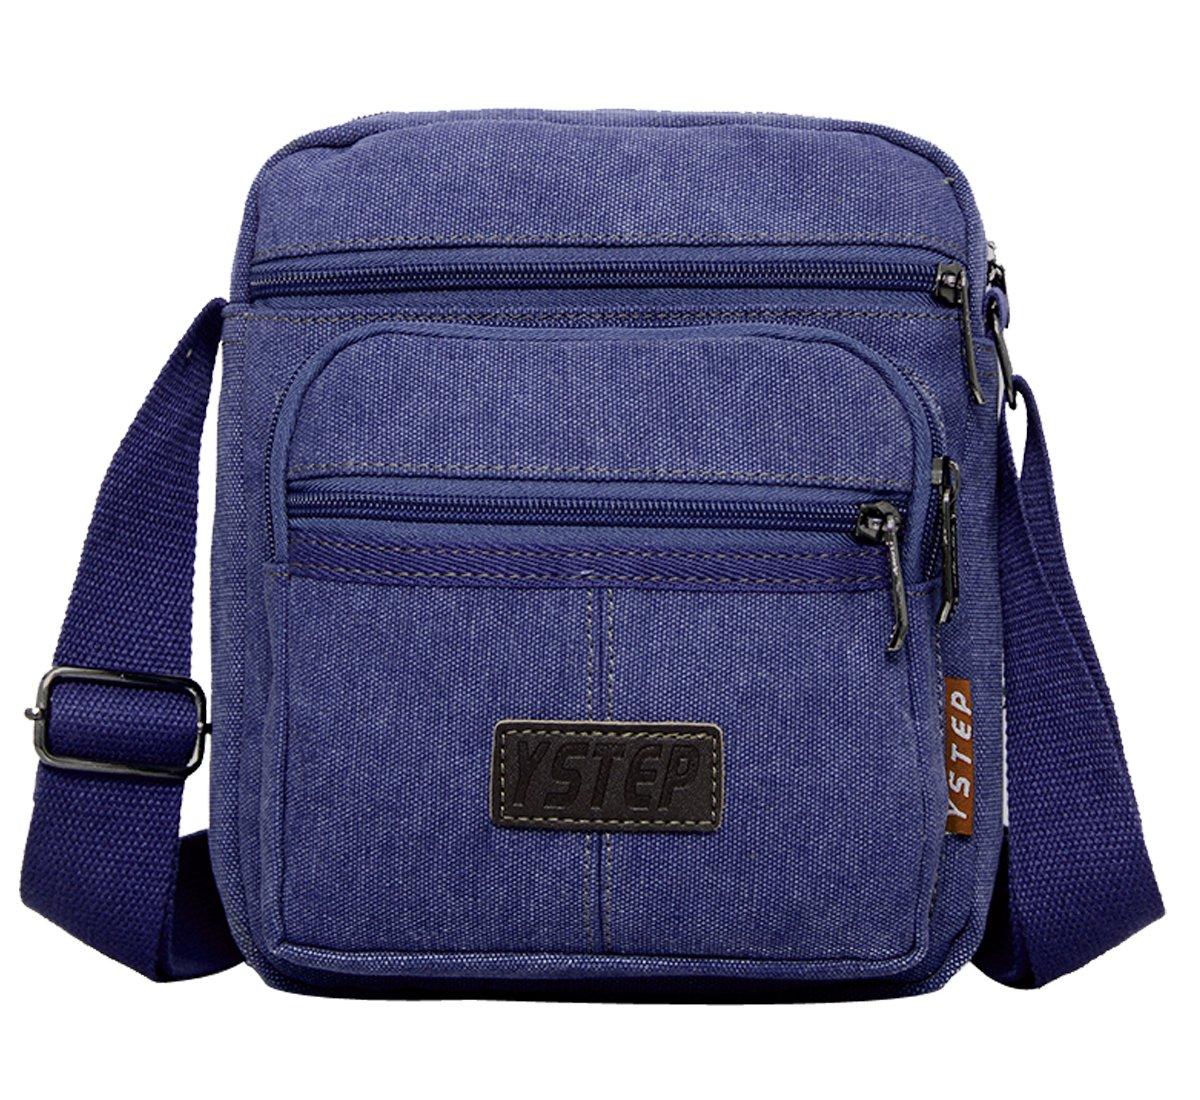 Degohome Vintage Canvas Crossbody Shoulder Bag Small Messenger Travel Bag For Men & Women (darkblue)